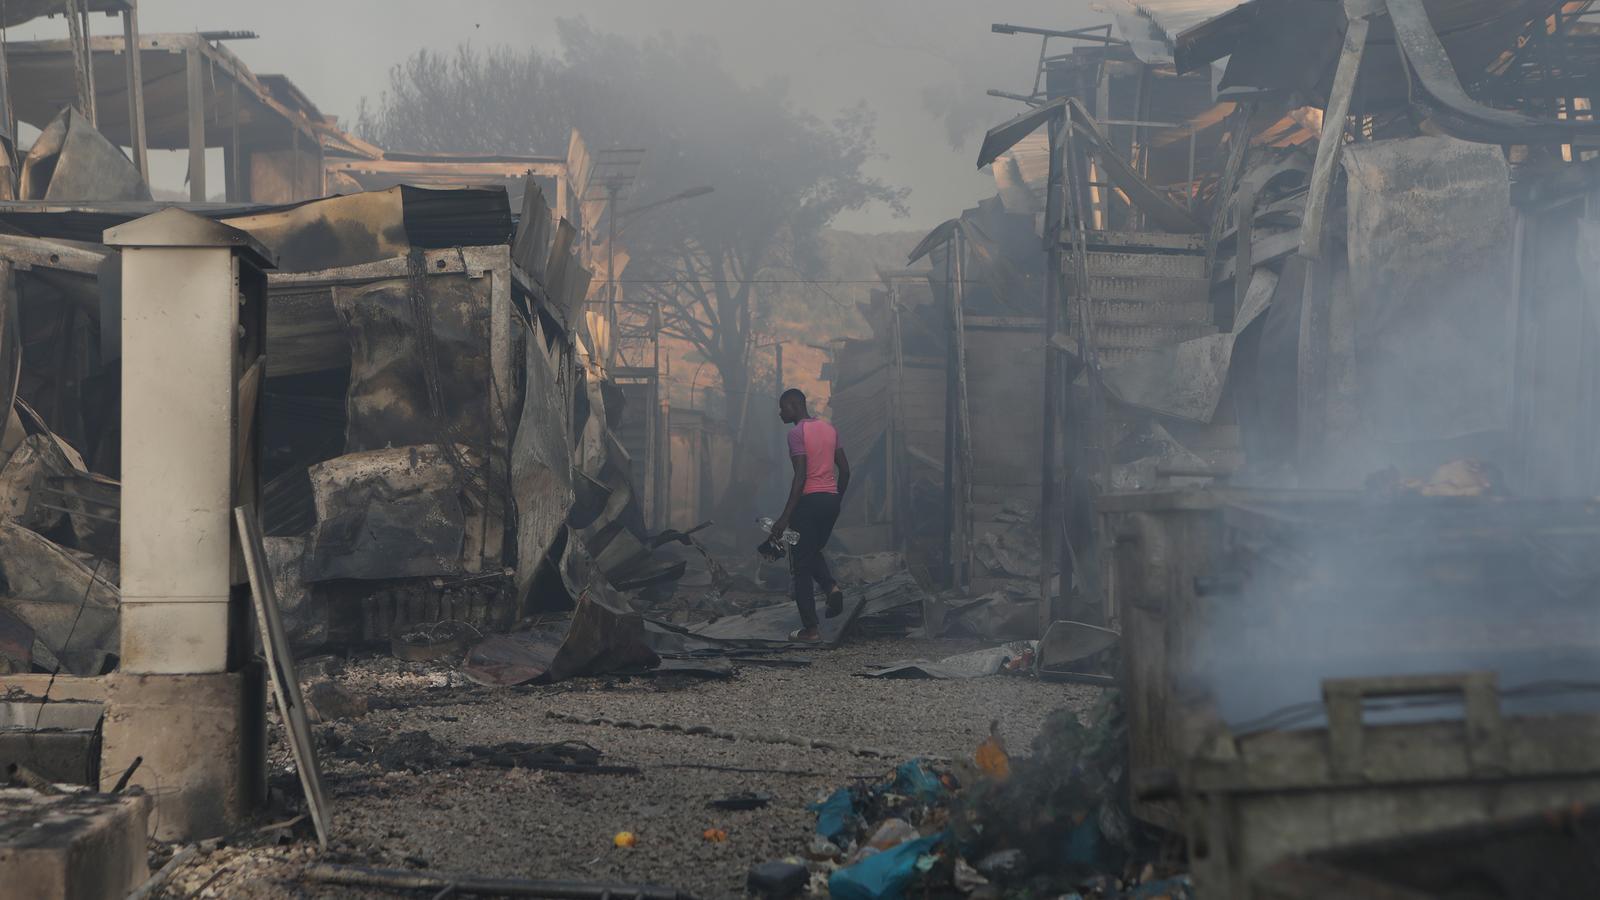 Un incendi engoleix Mória, el camp de refugiats més gran d'Europa